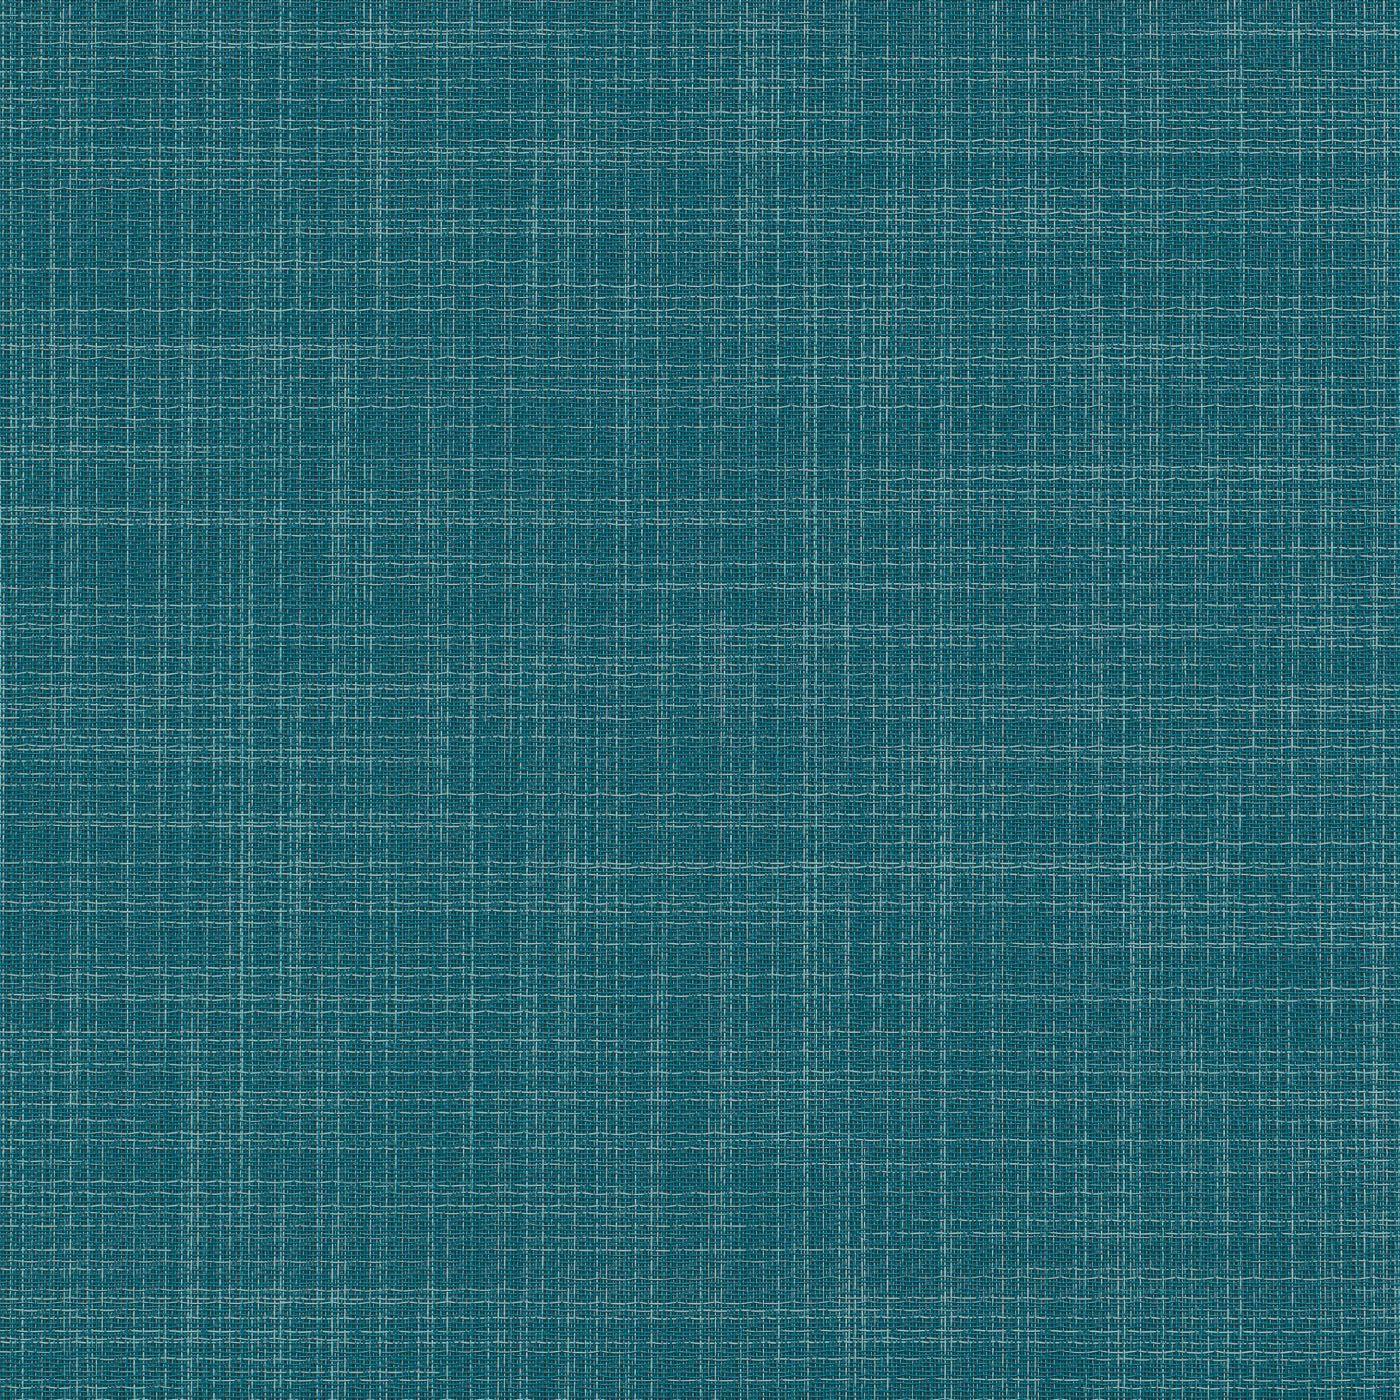 Be tweed vinyl flooring textile ocean depths